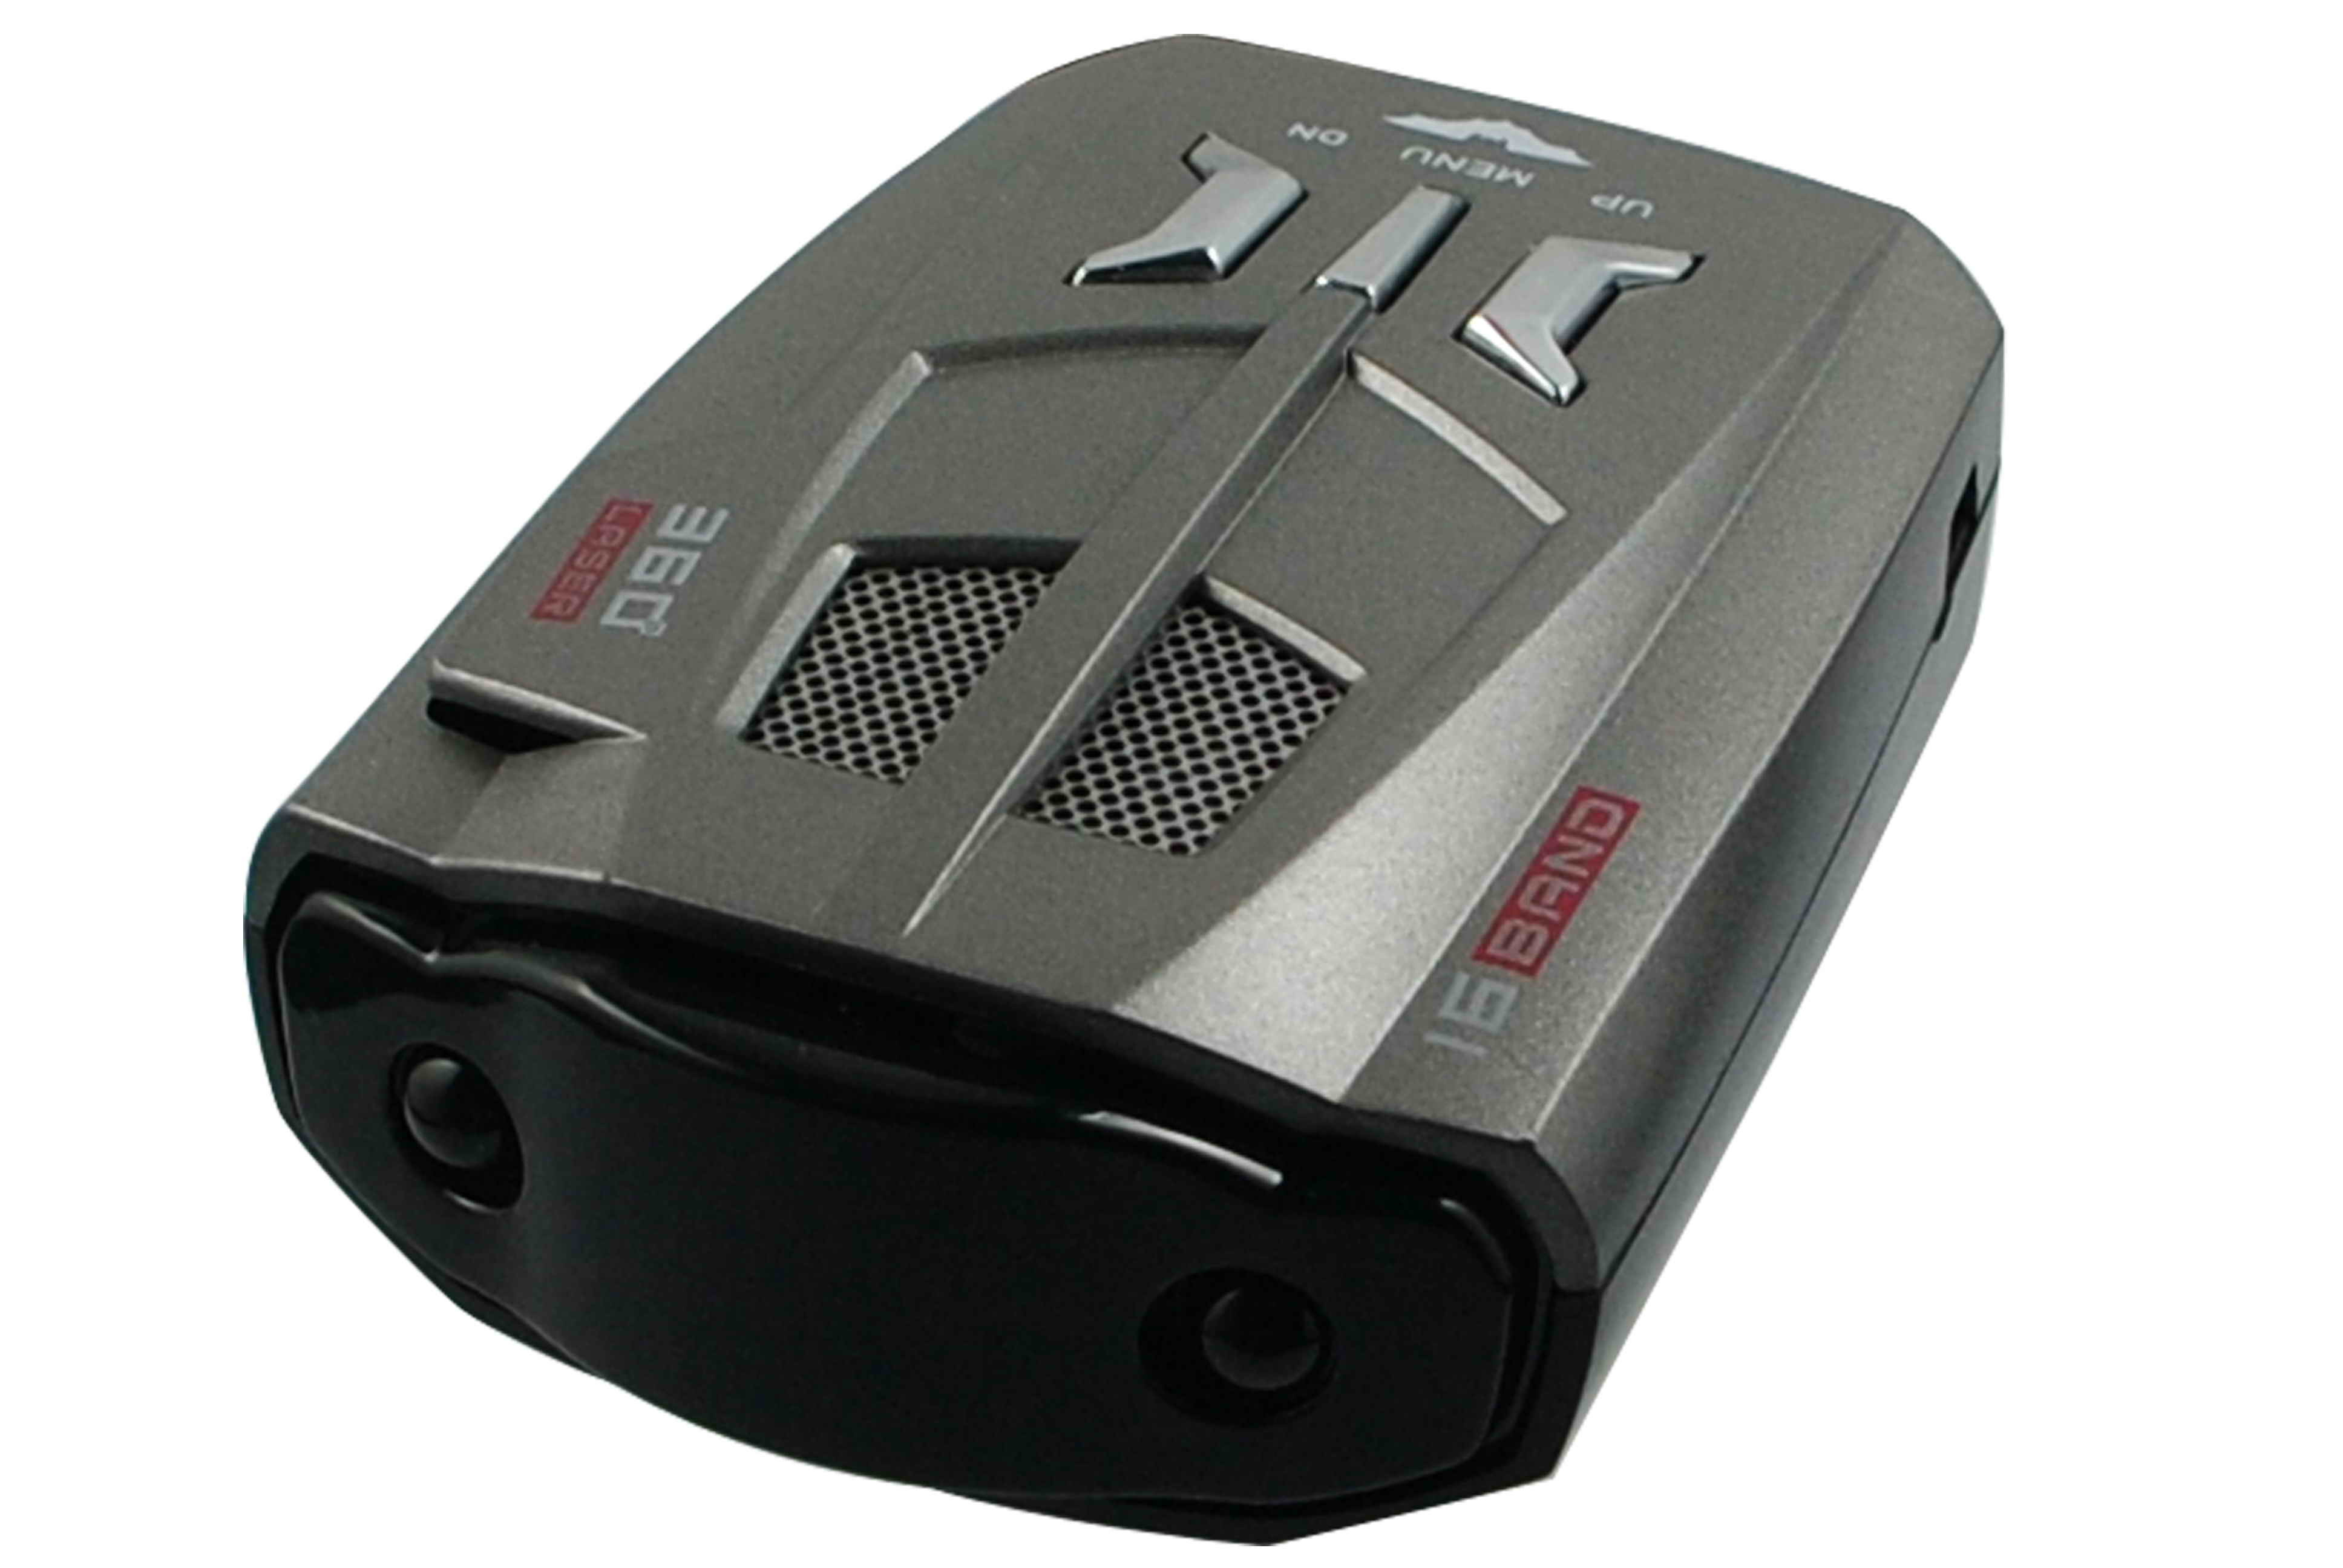 v9 un d tecteur de radar de voiture de laser avec le gps avec les bandes de d tection duelles lx. Black Bedroom Furniture Sets. Home Design Ideas